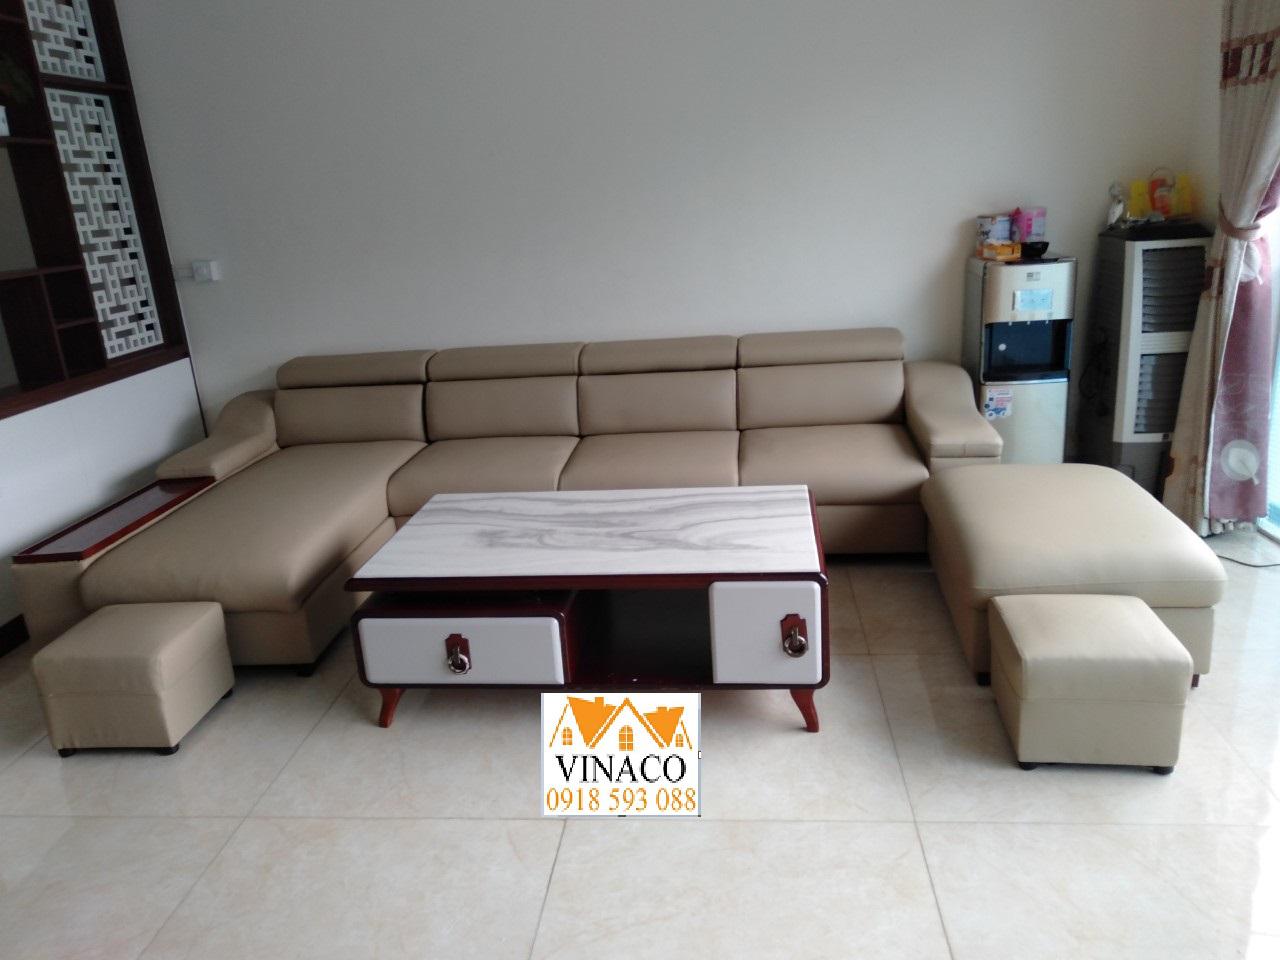 Bọc ghế sofa chất lượng ở đâu?